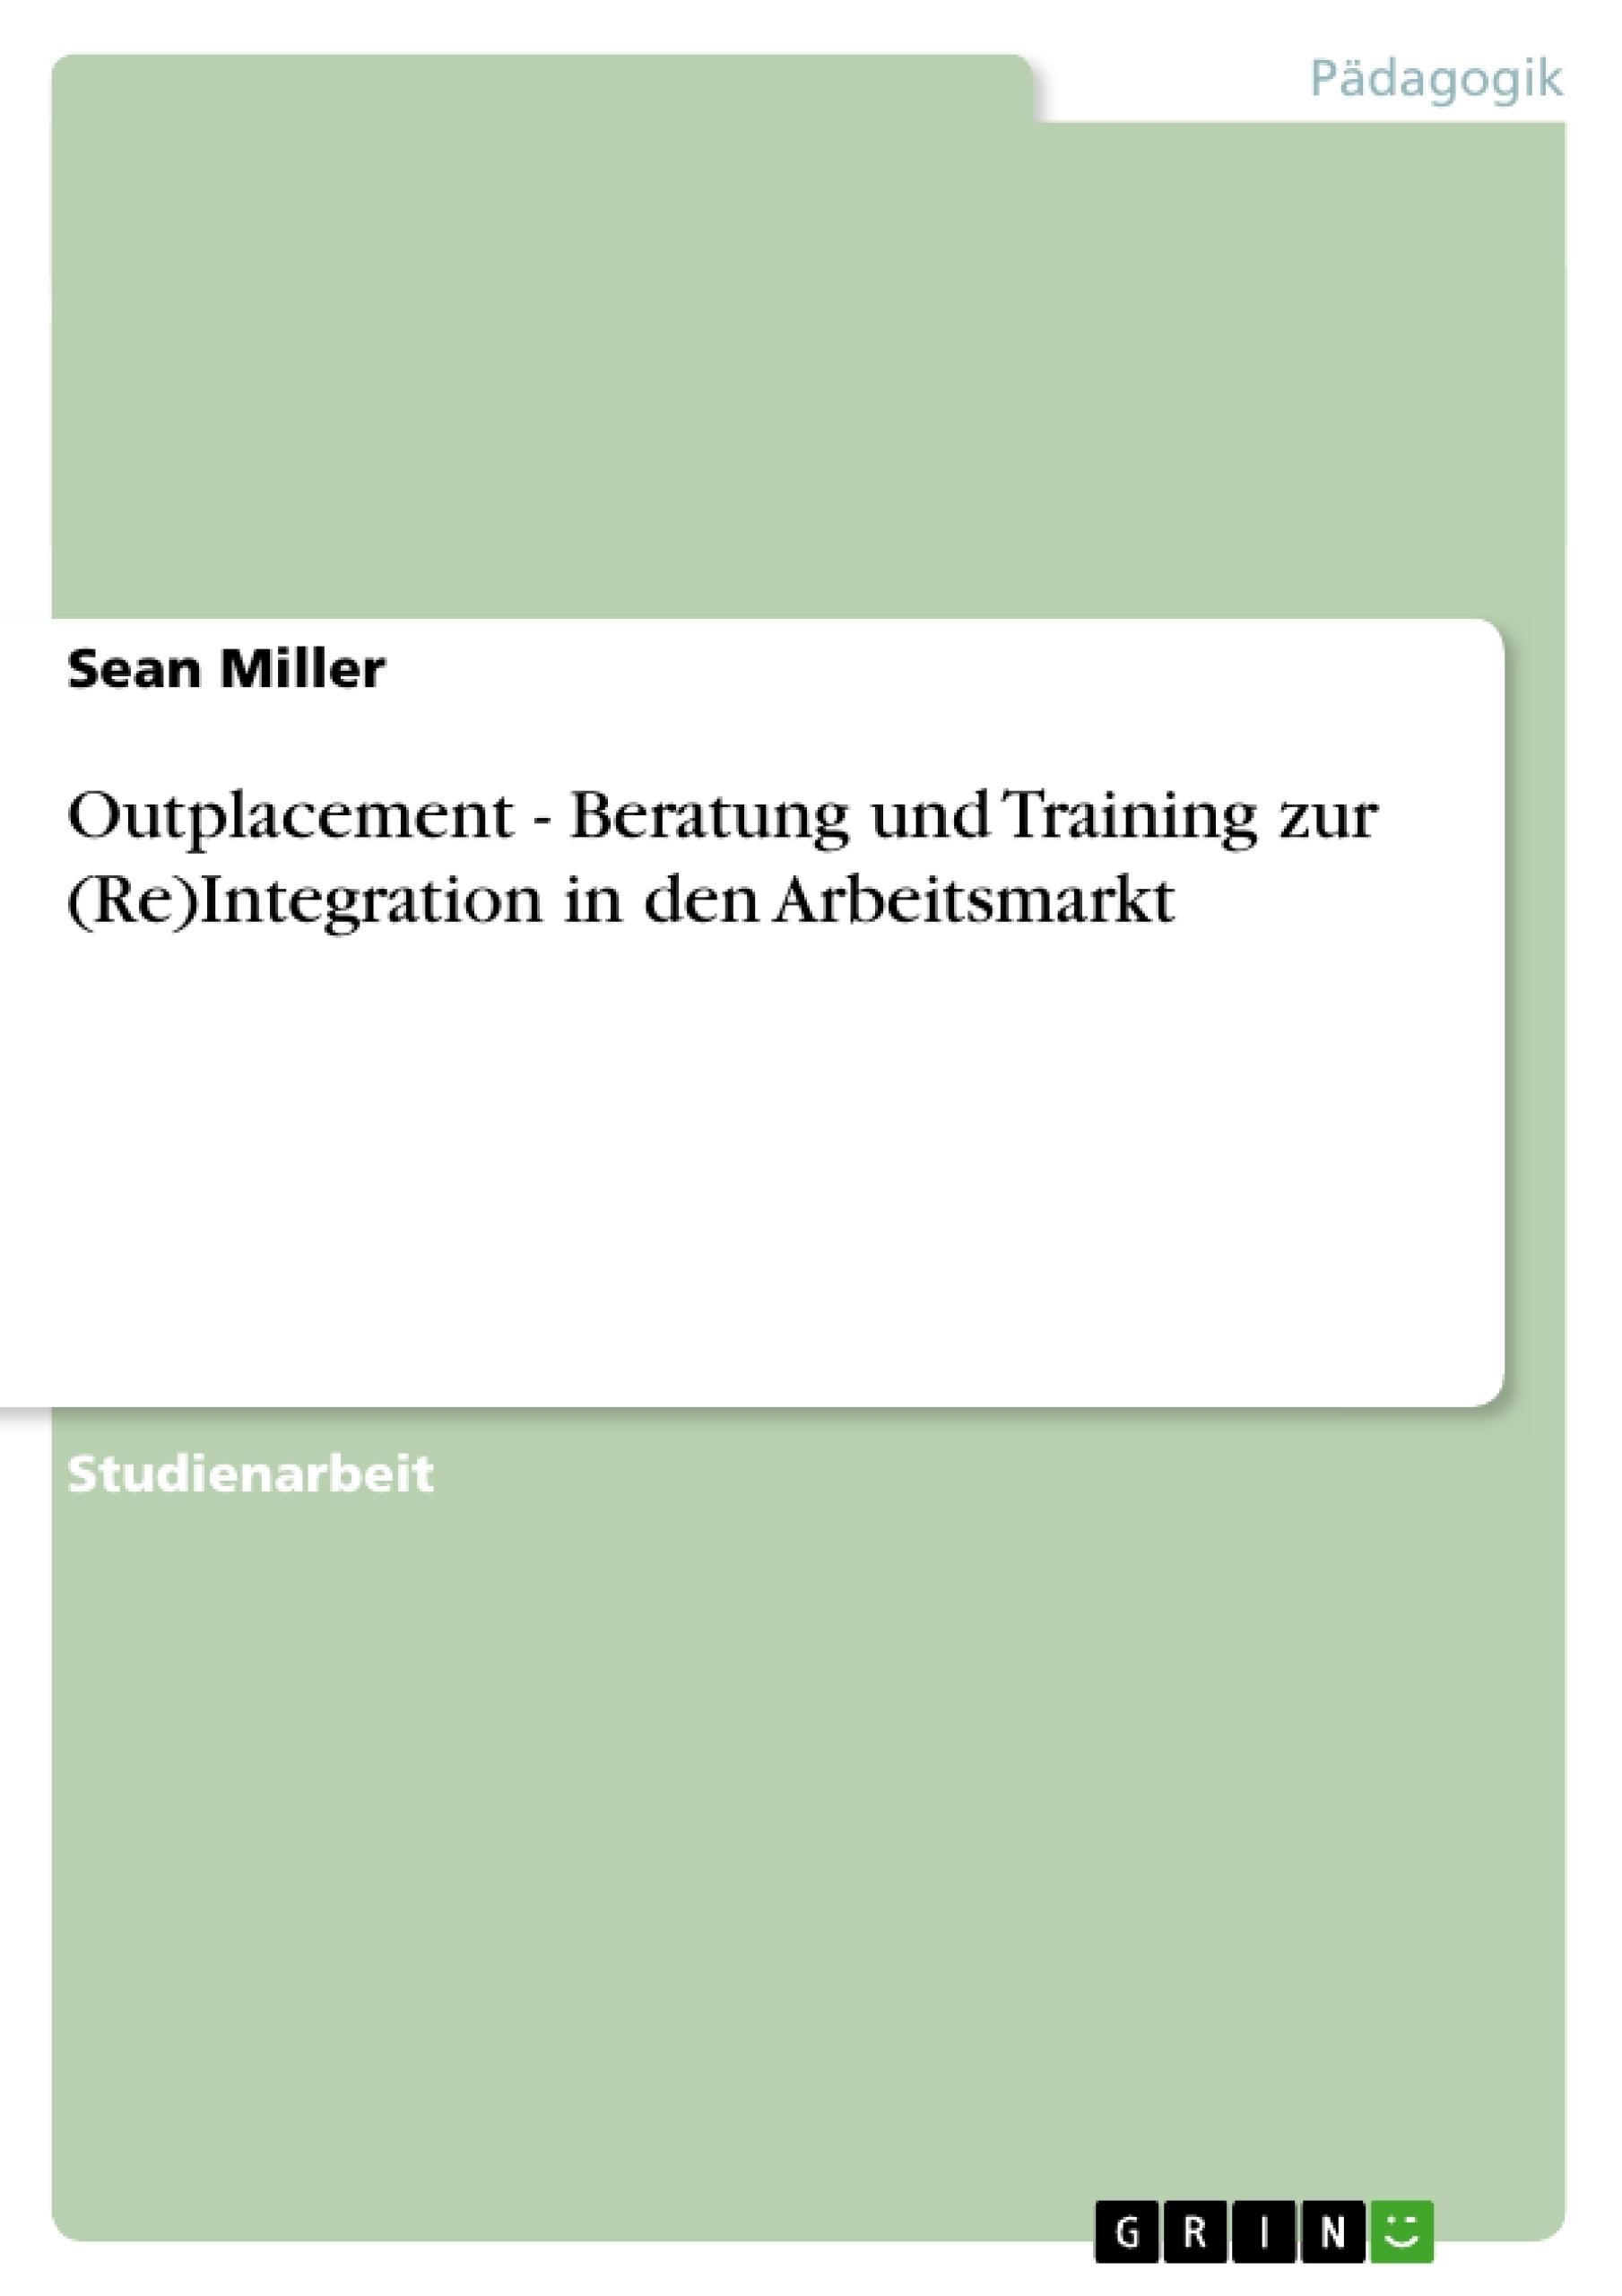 Titel: Outplacement - Beratung und Training zur (Re)Integration in den Arbeitsmarkt